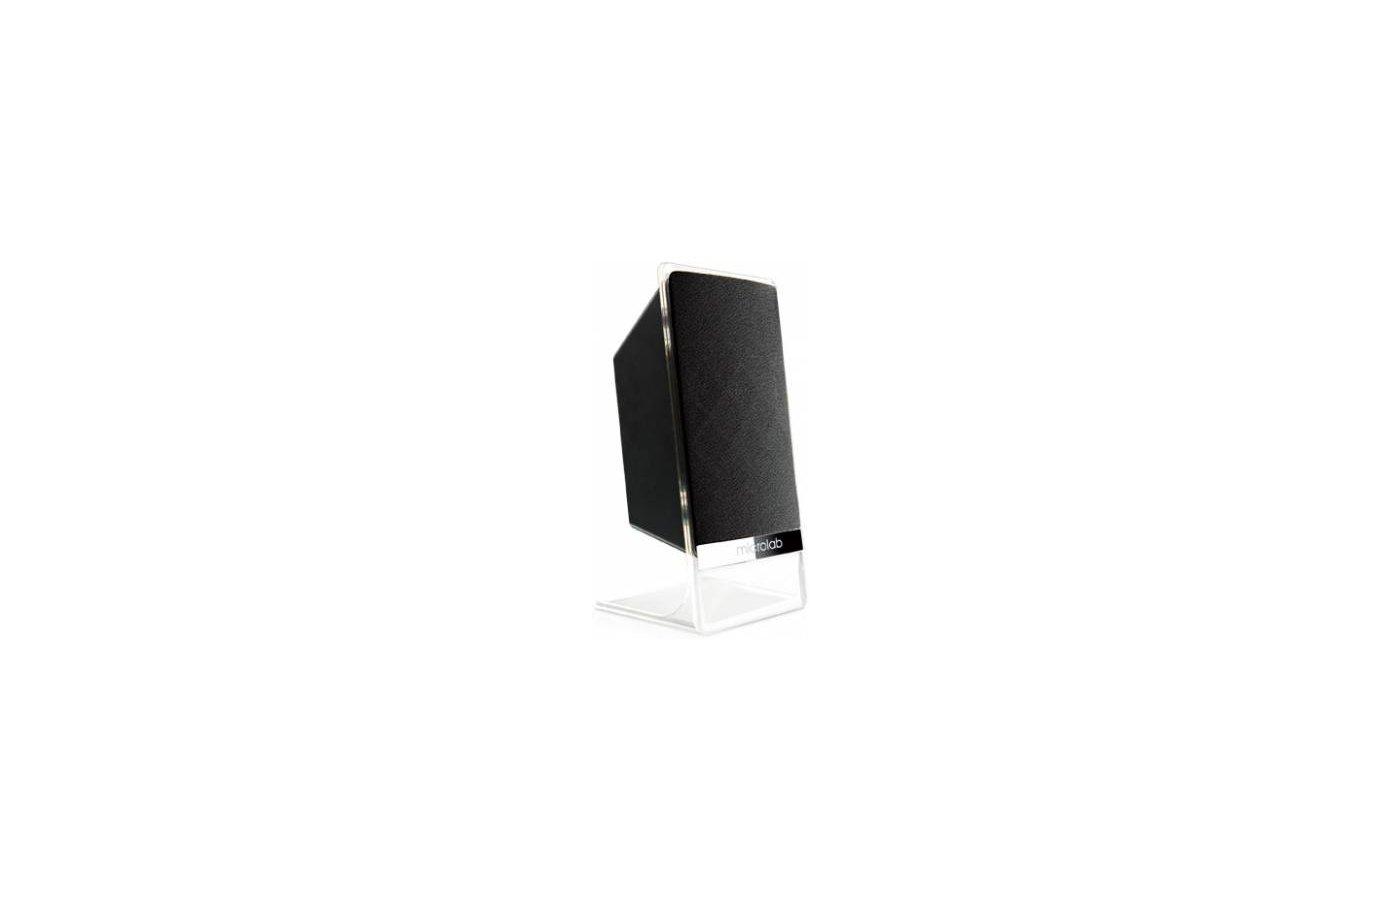 Компьютерные колонки Microlab M200 BT Platinum 2.1 черный 50Вт